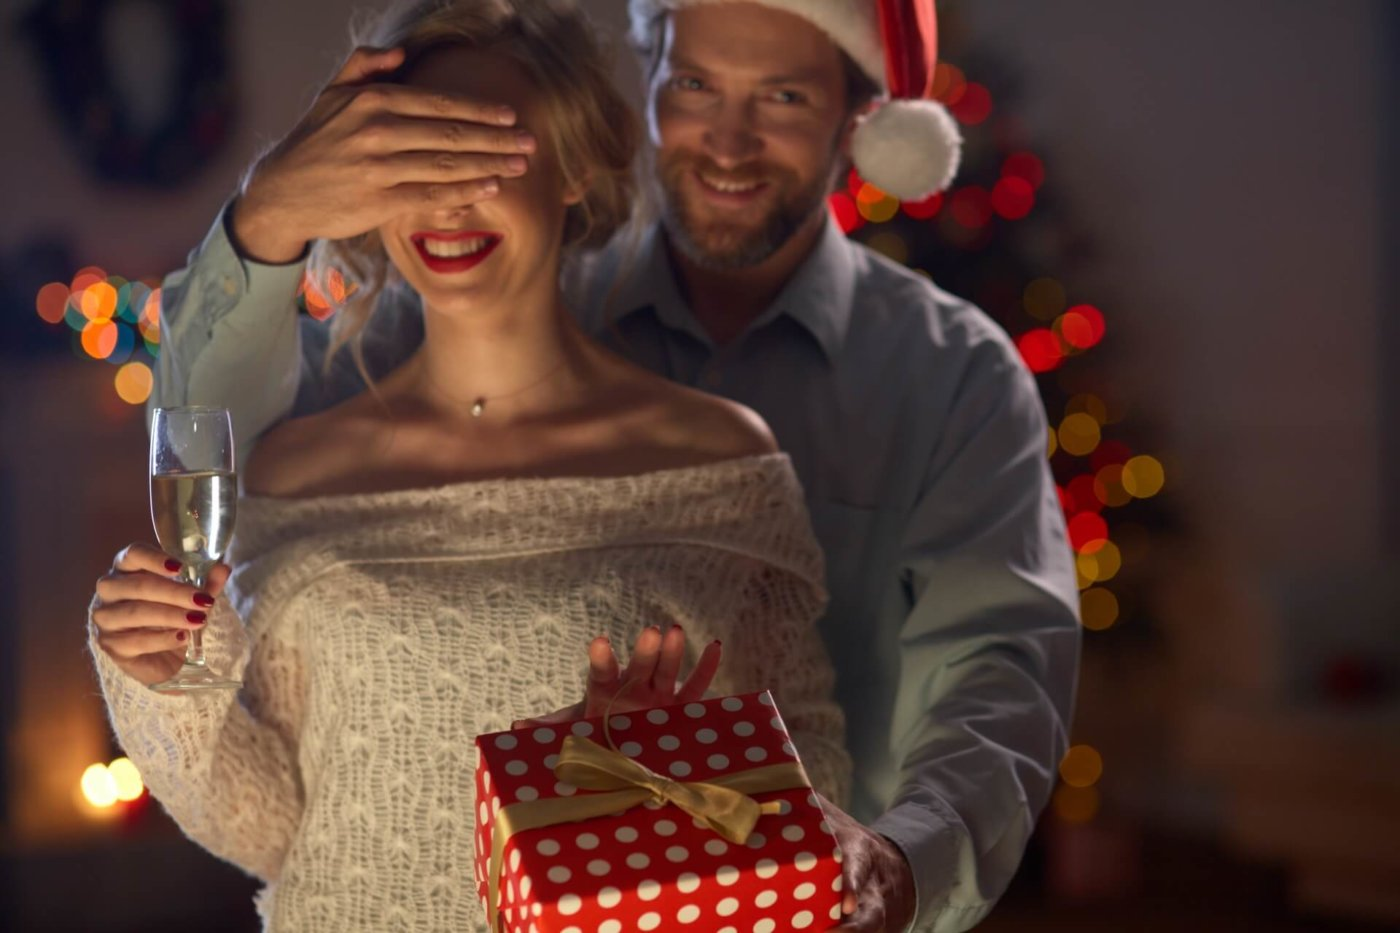 クリスマスに彼女が喜ぶプレゼントは?